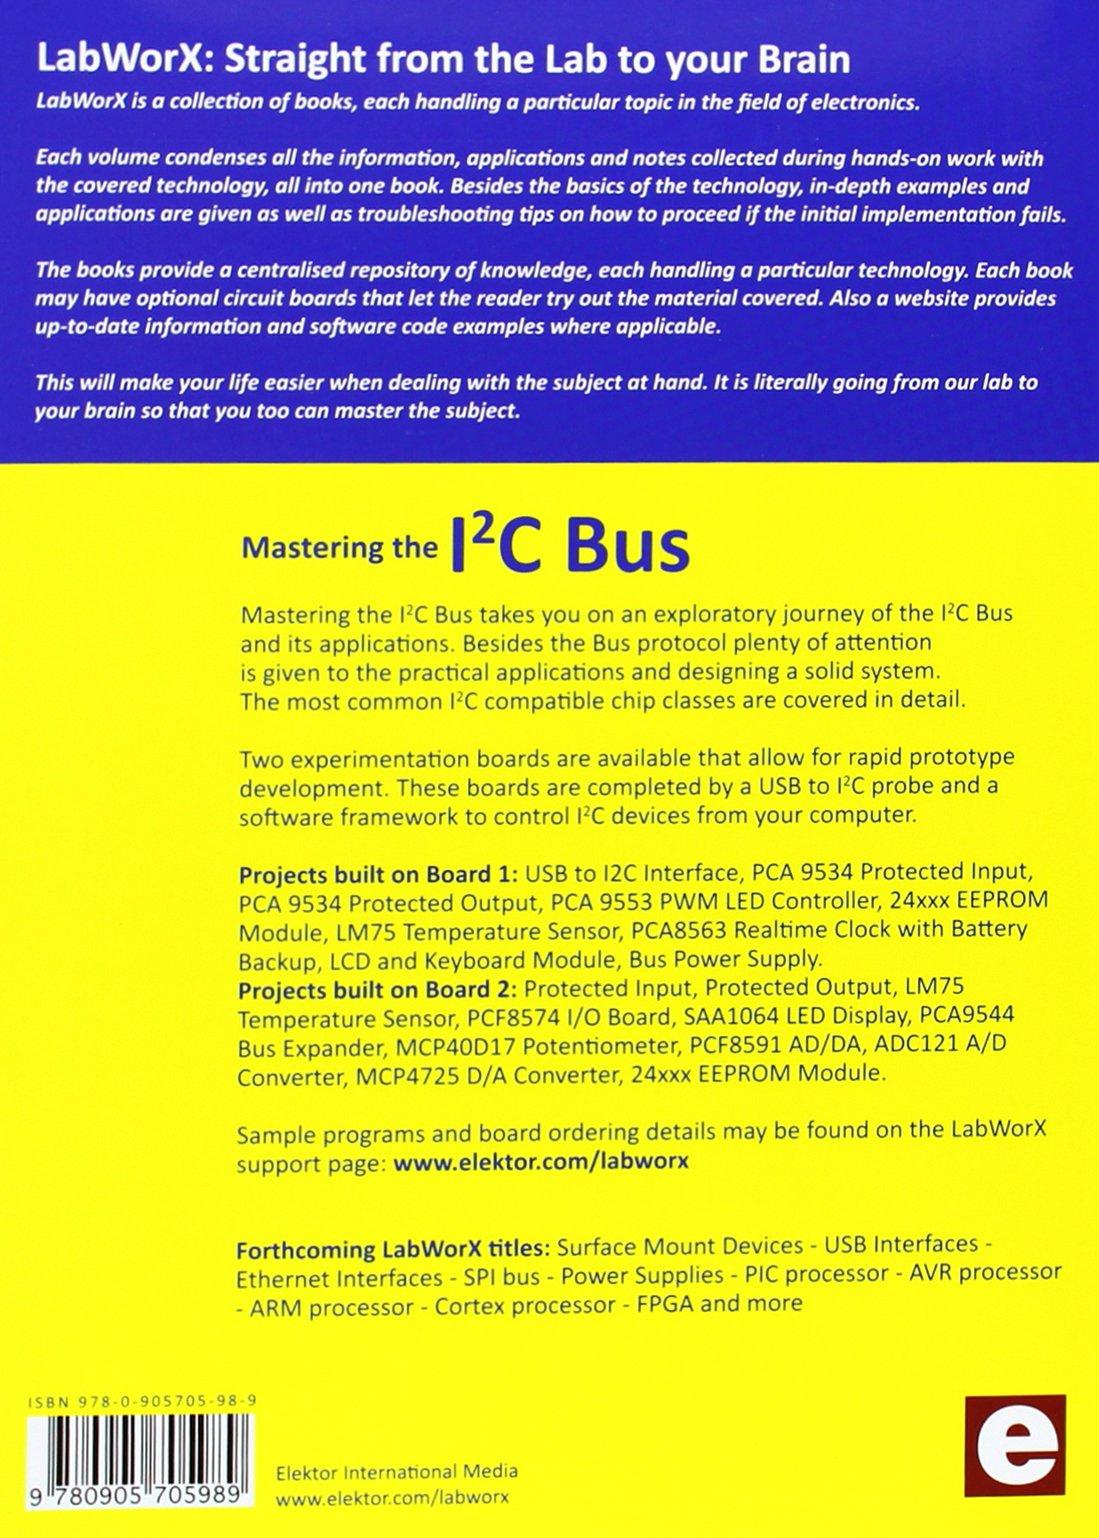 Mastering the I2C Bus: LabWorX 1: Amazon co uk: Vincent